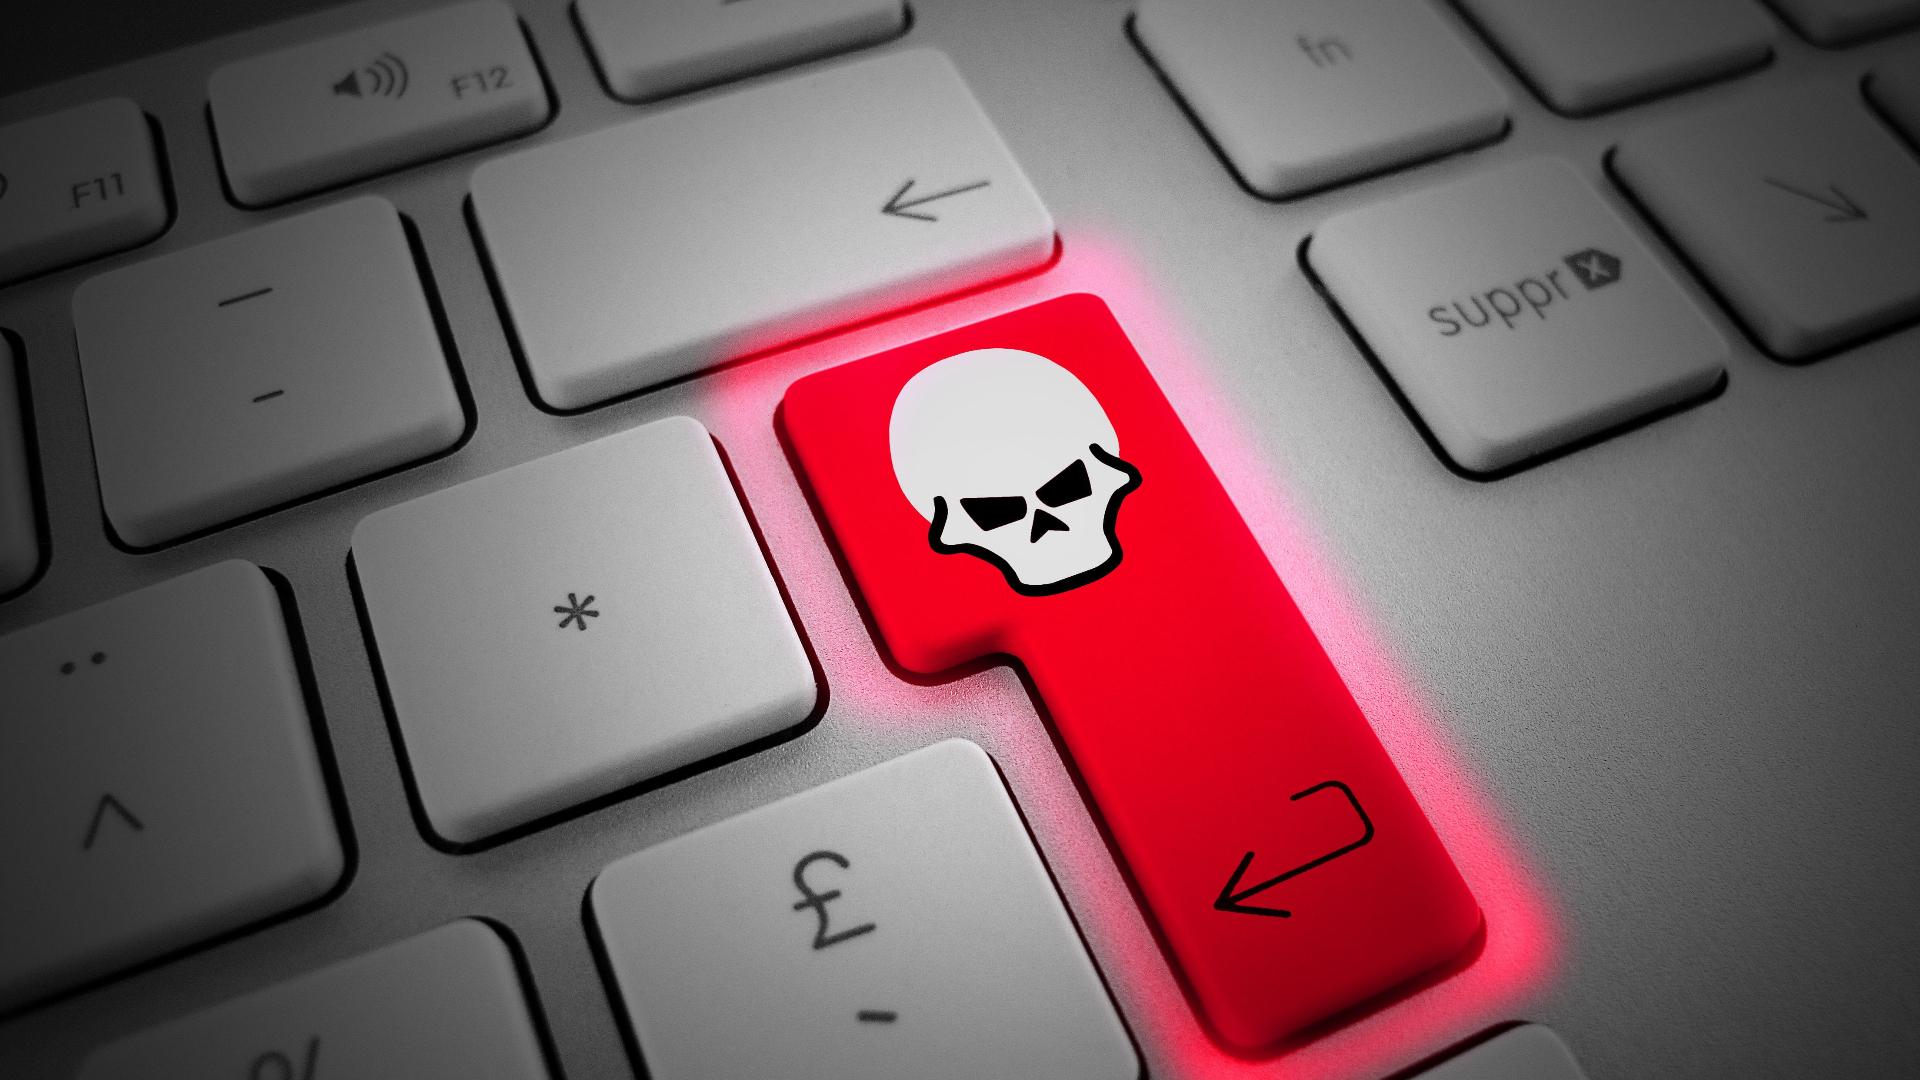 Invertir Ciberseguridad - ETFs y Acciones